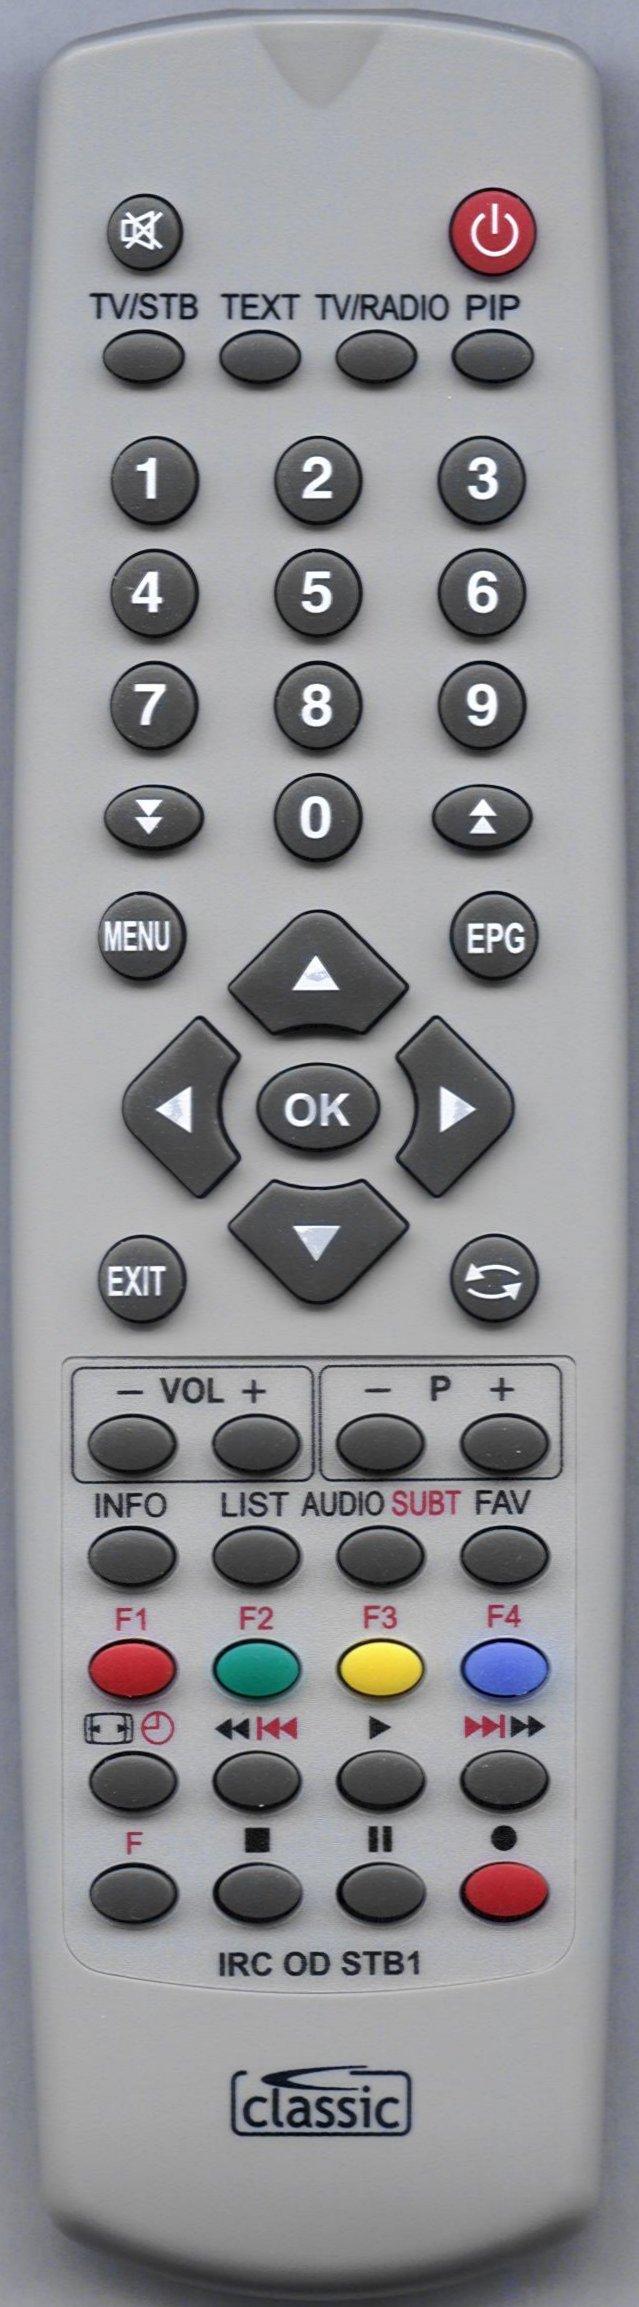 TOPFIELD TF 4000/5000PVR Remote Control